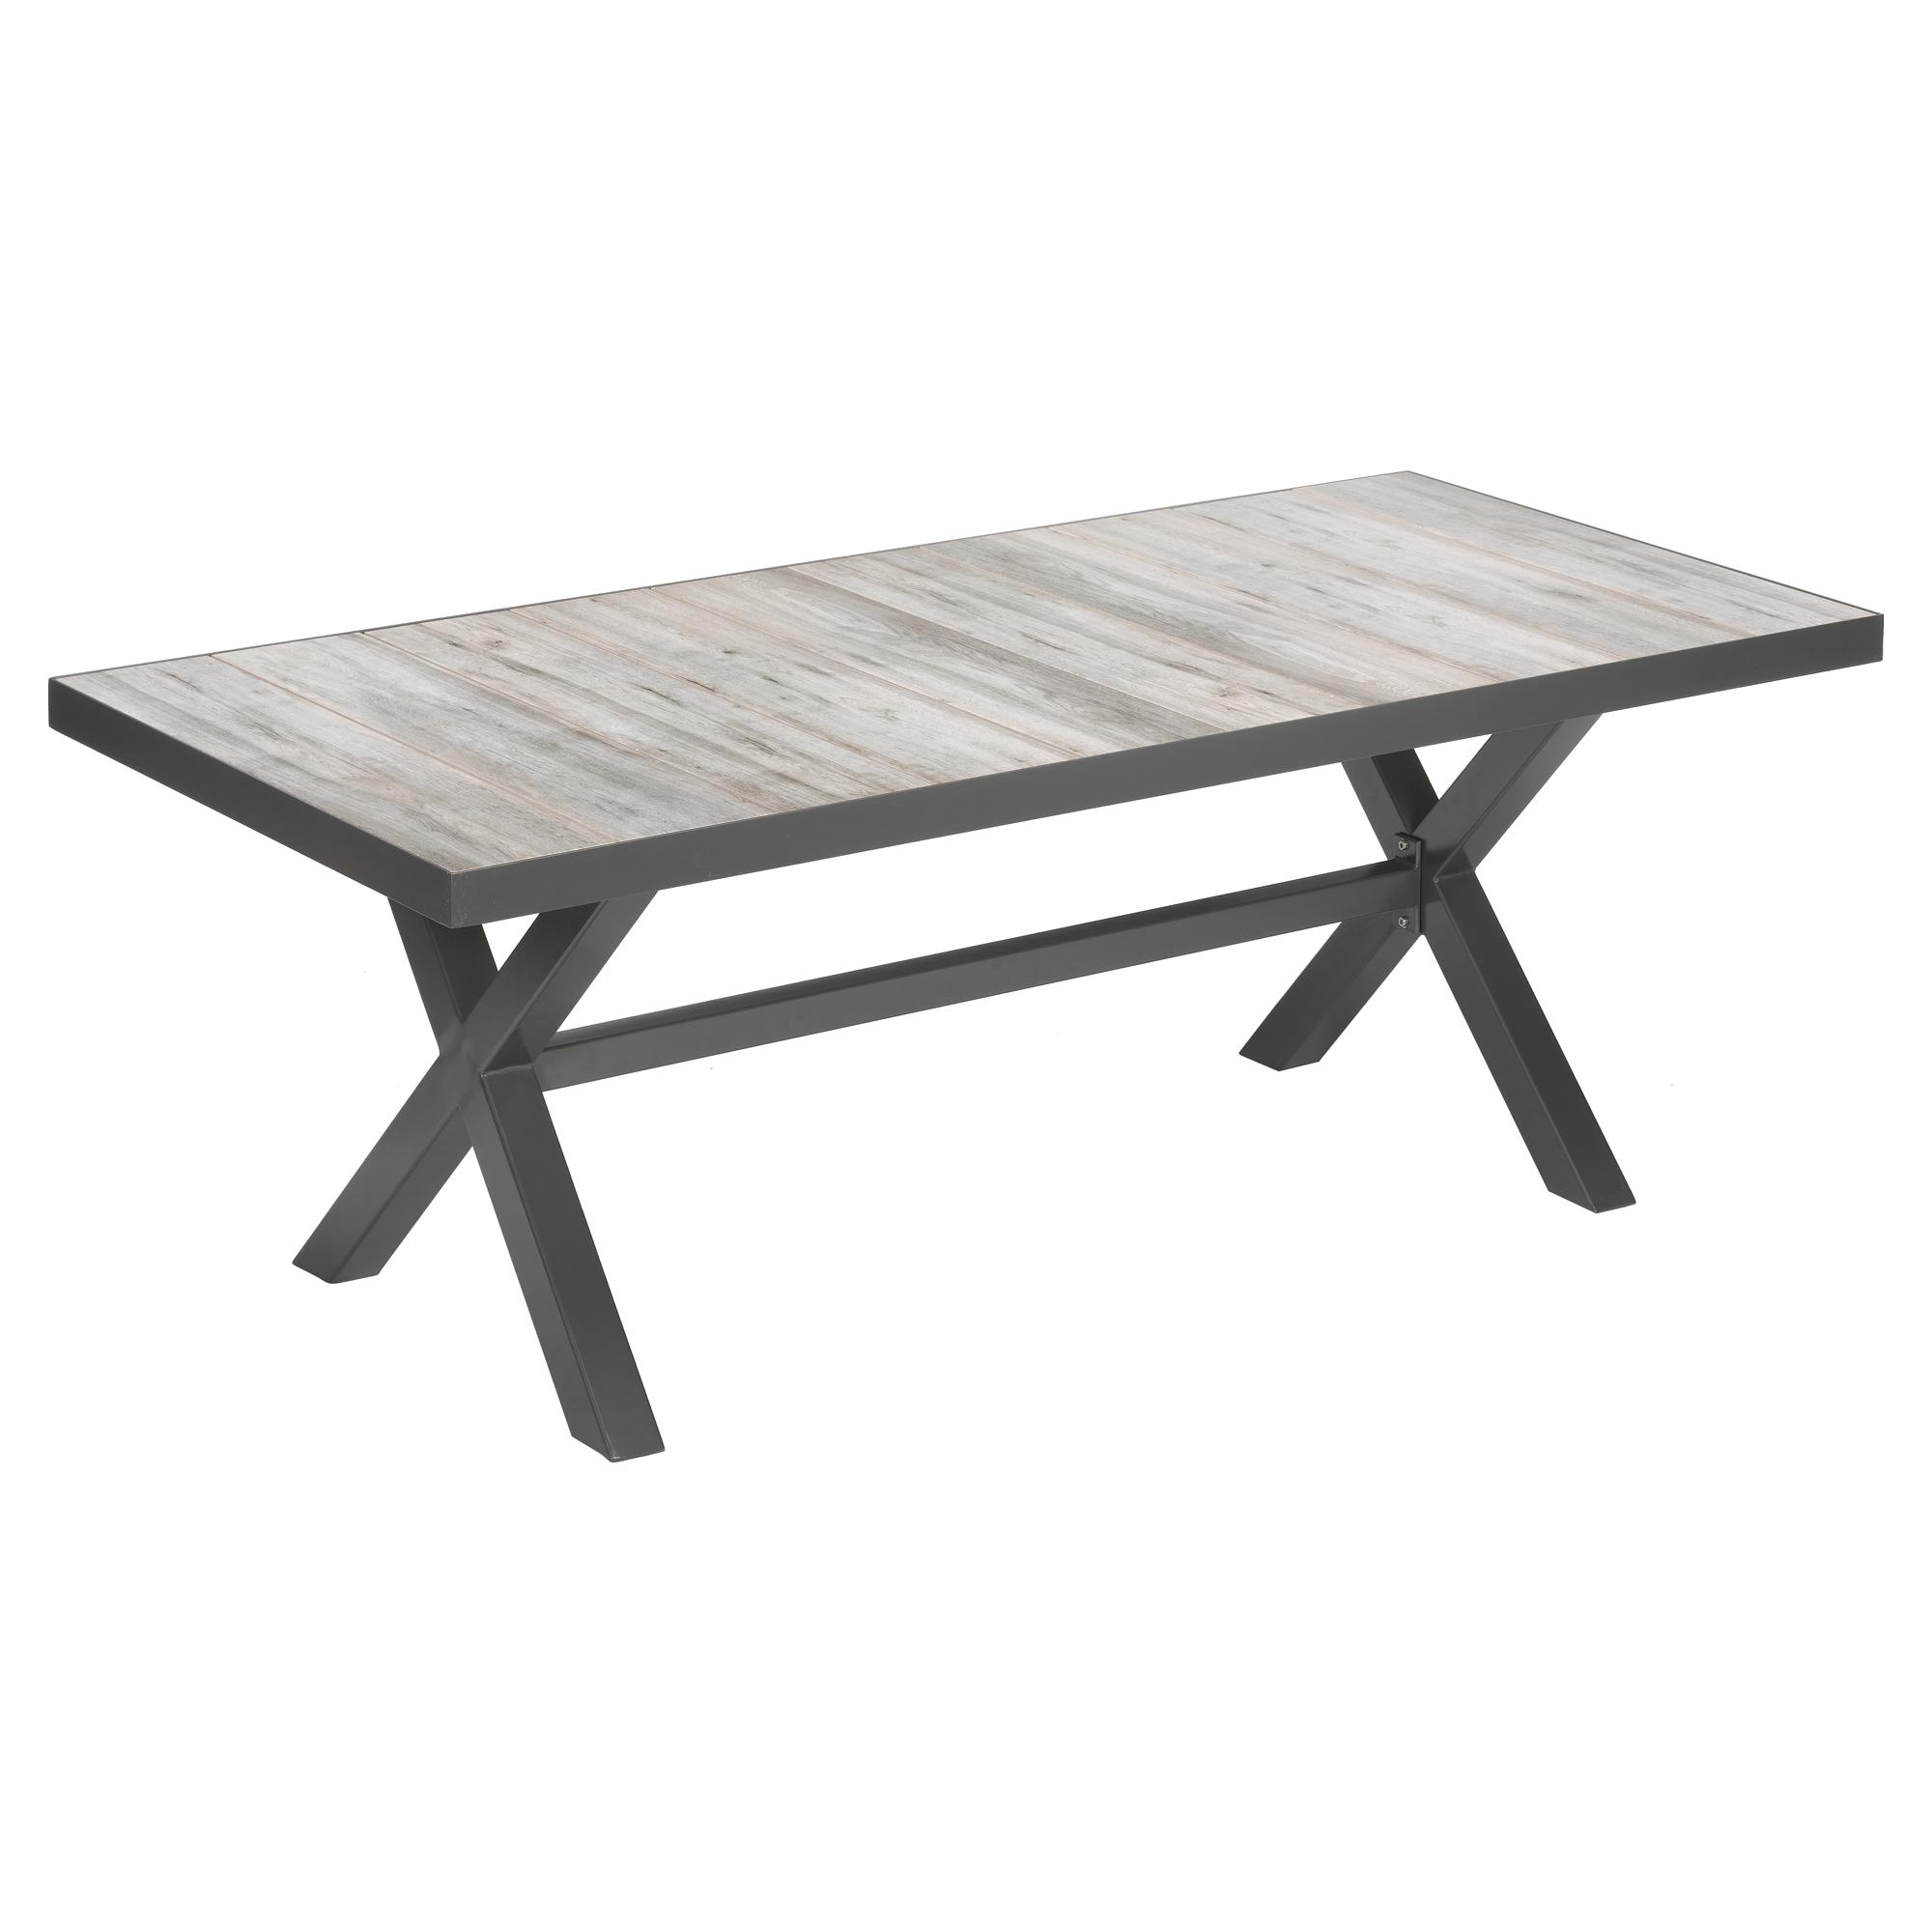 Gartentisch Kunststoff Holzoptik Good Tisch Sthleauen Tarn Schwarz